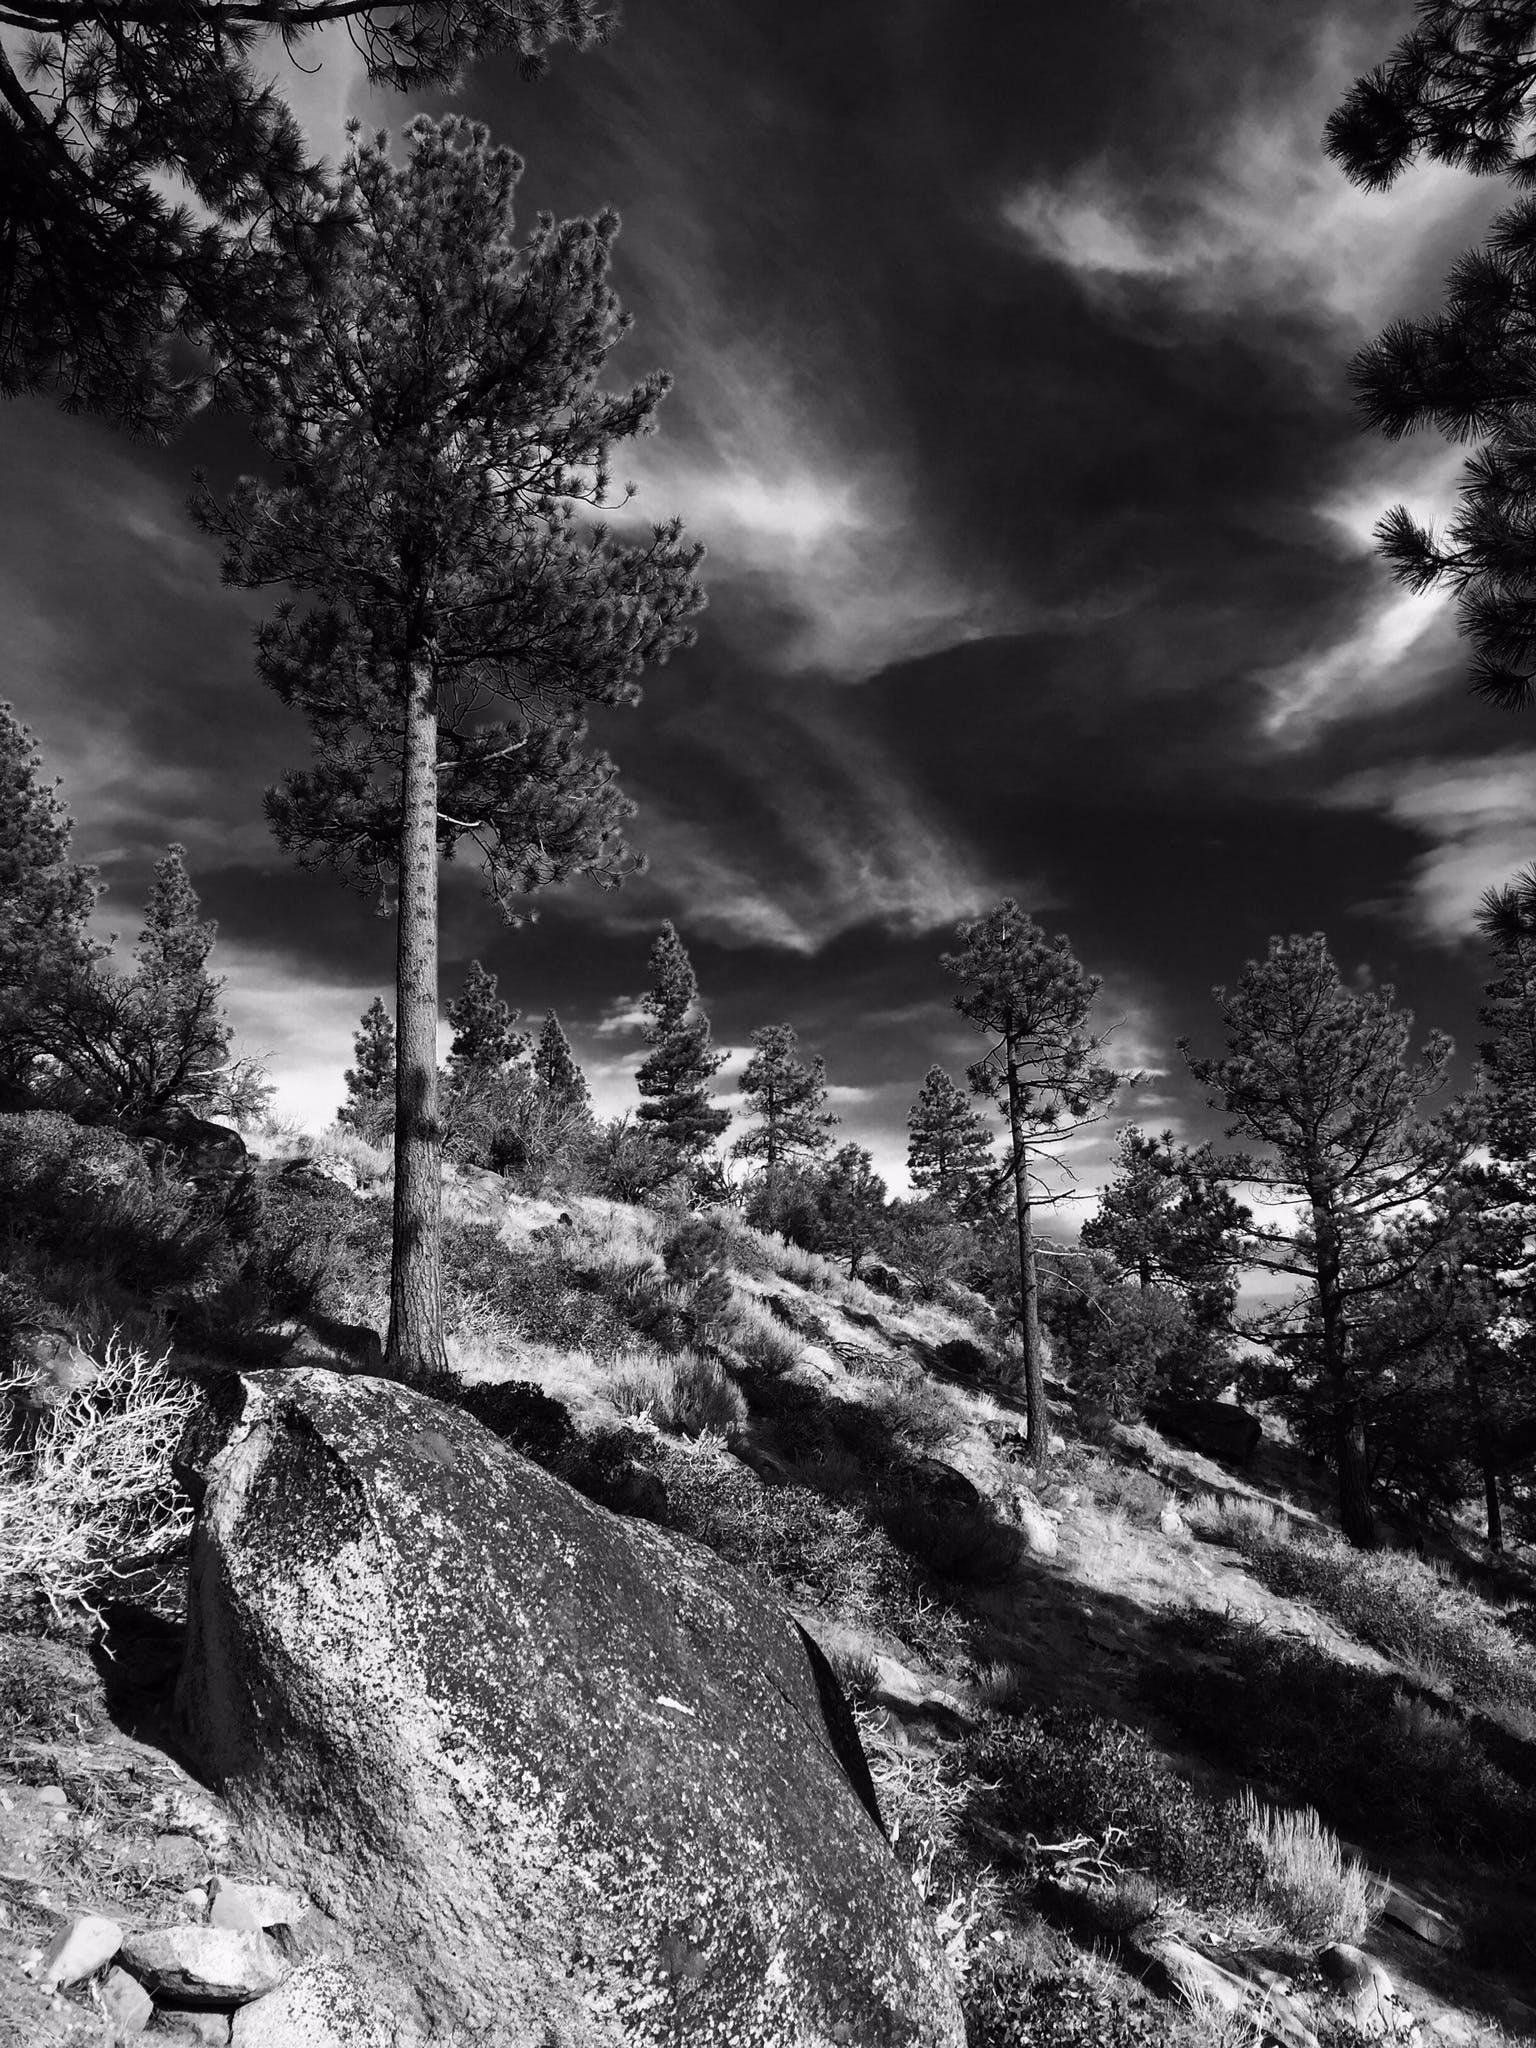 Free stock photo of pine trees, Sierra Nevada mountains